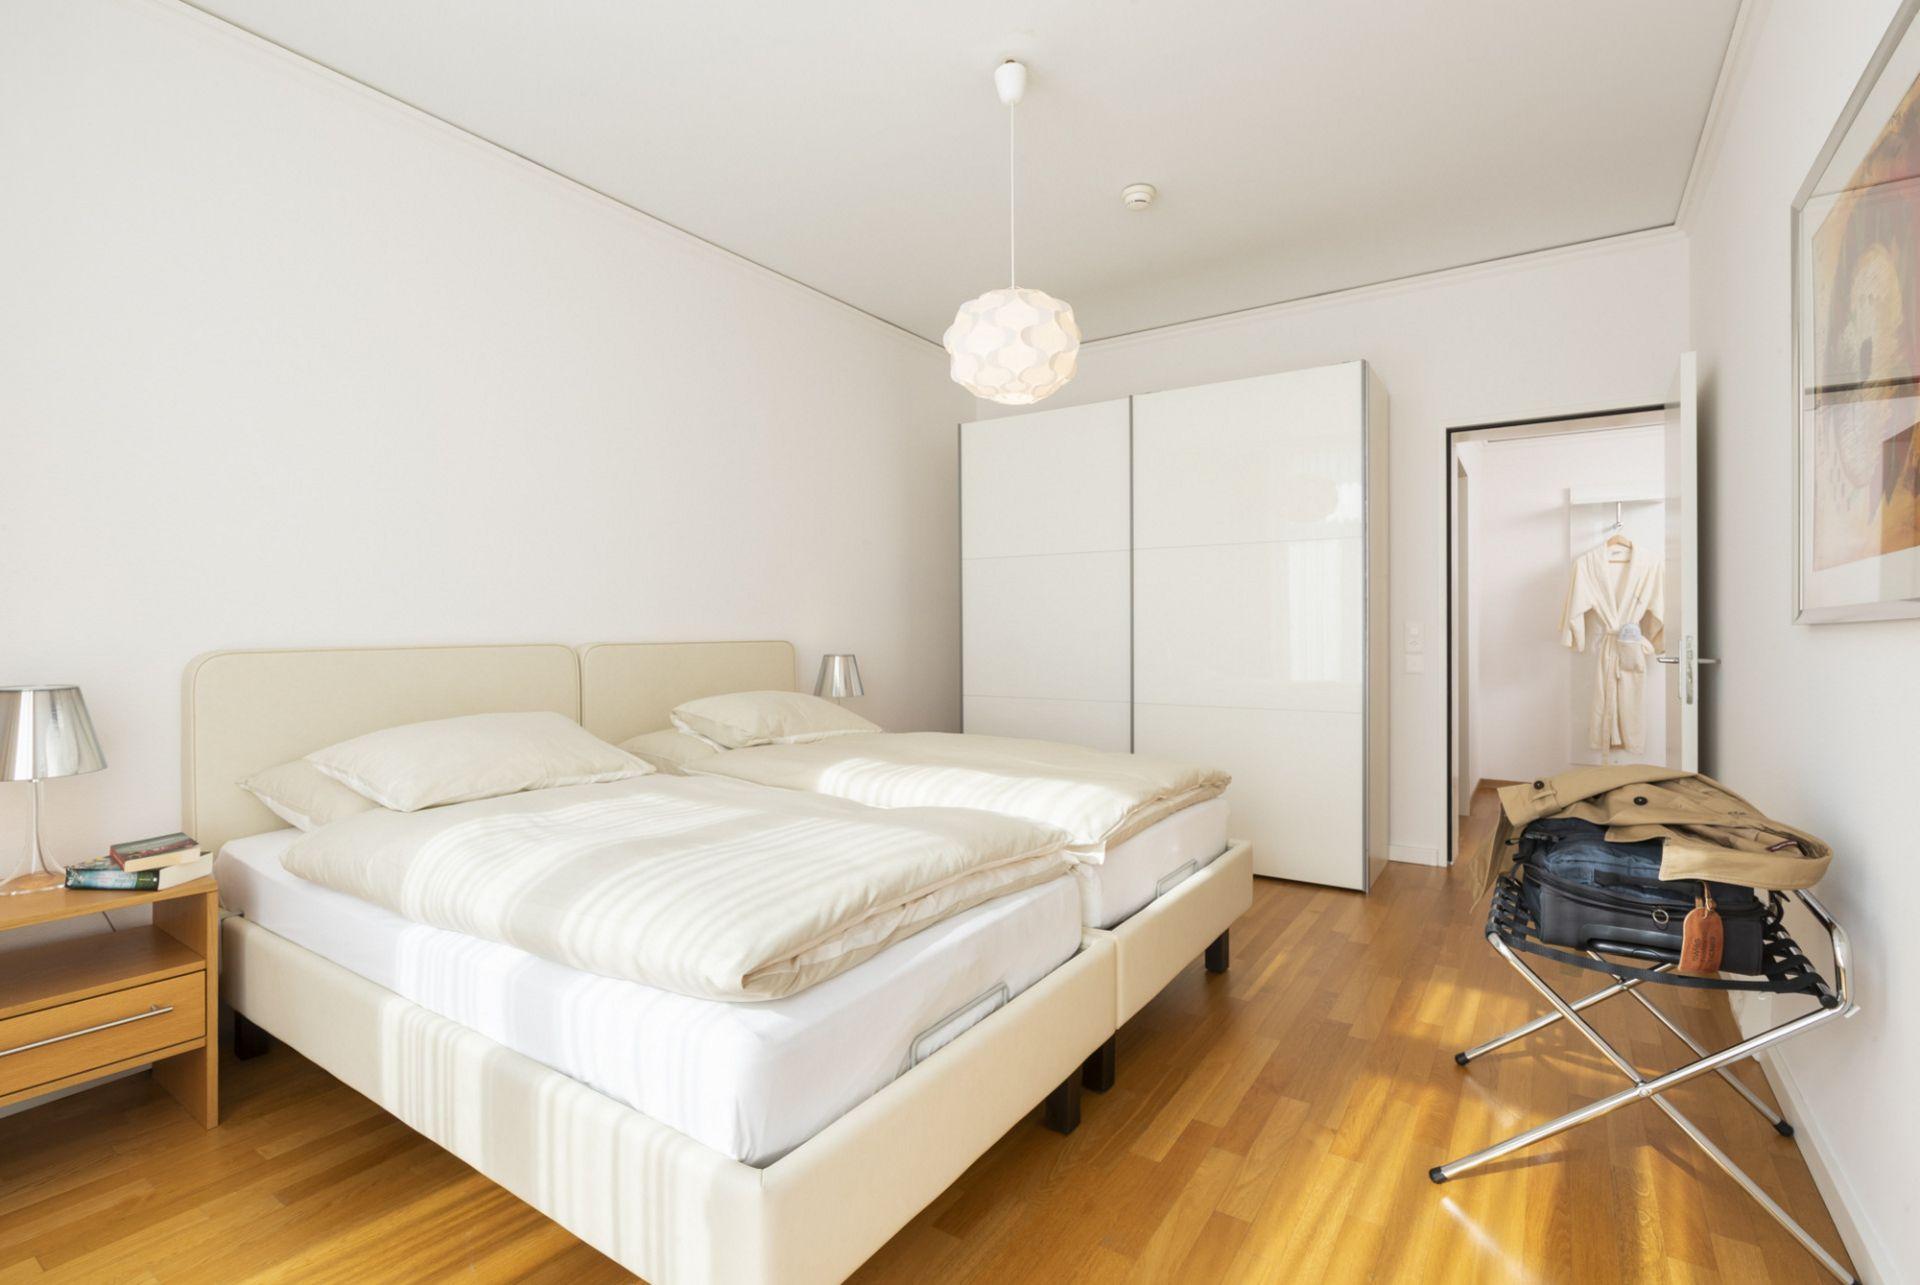 Schlafzimmer einer Junior-Suite im Park-Hotel am Rhein